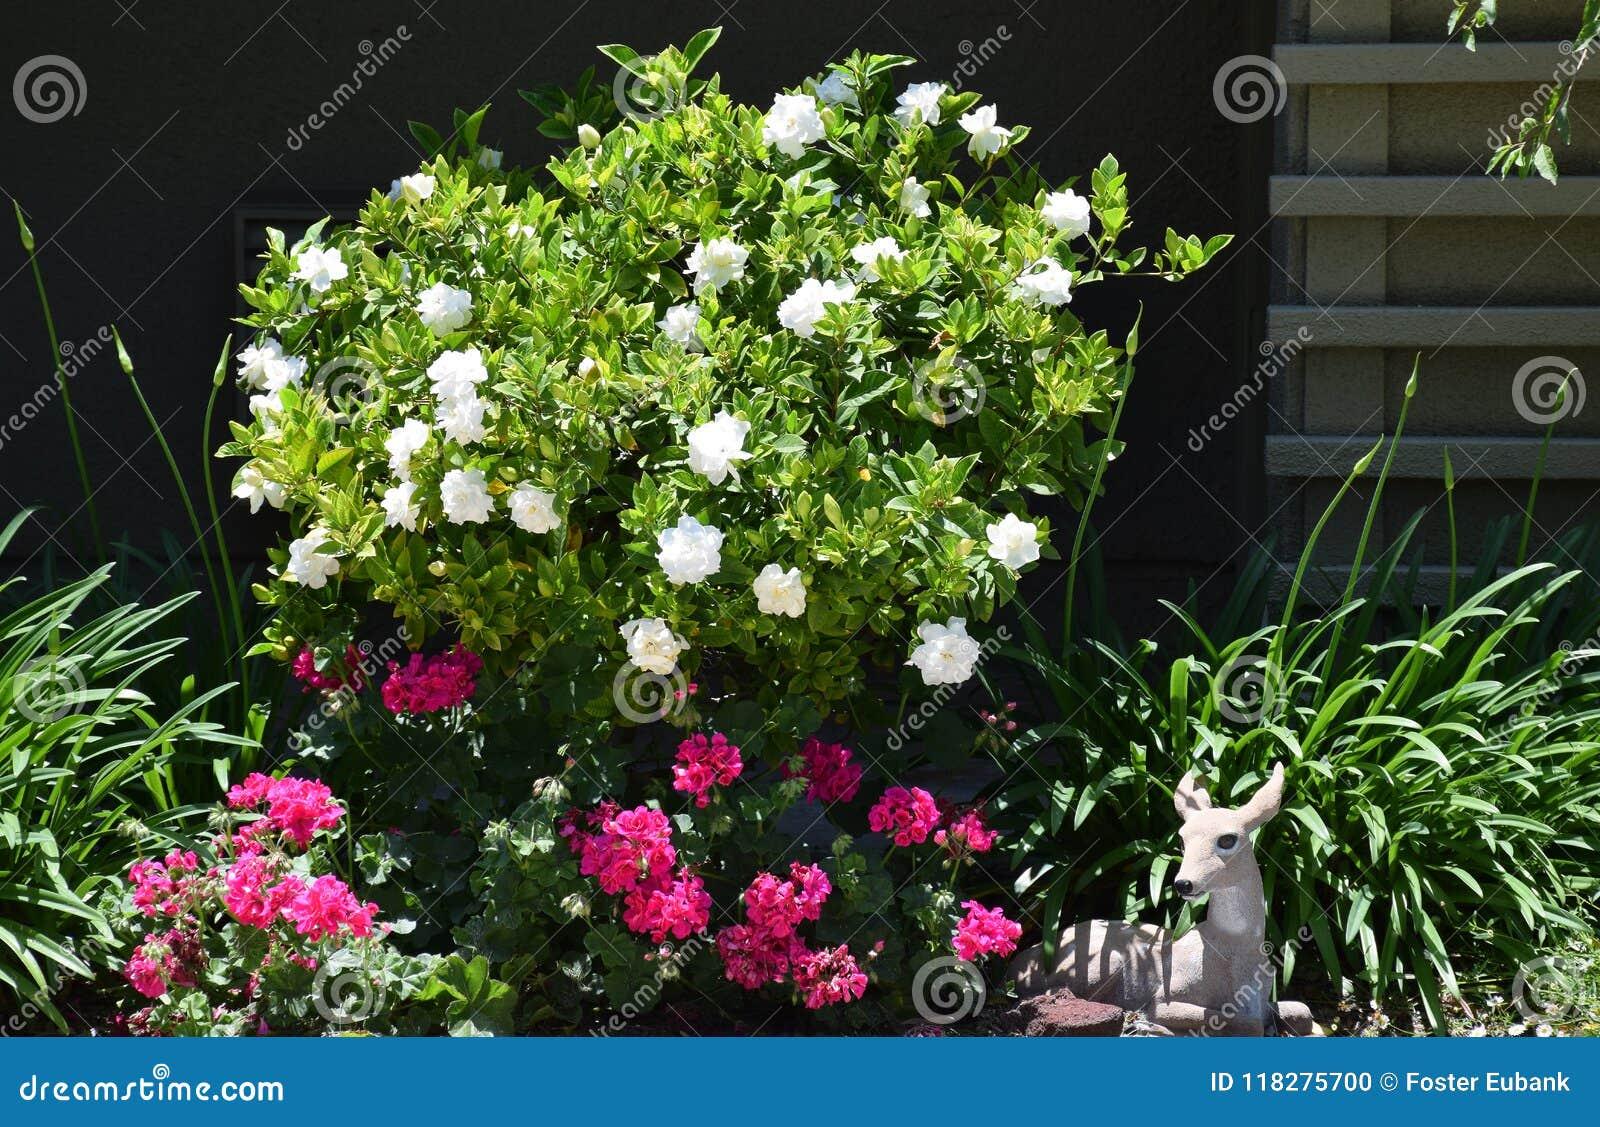 Gardeniebusch in voller Blüte